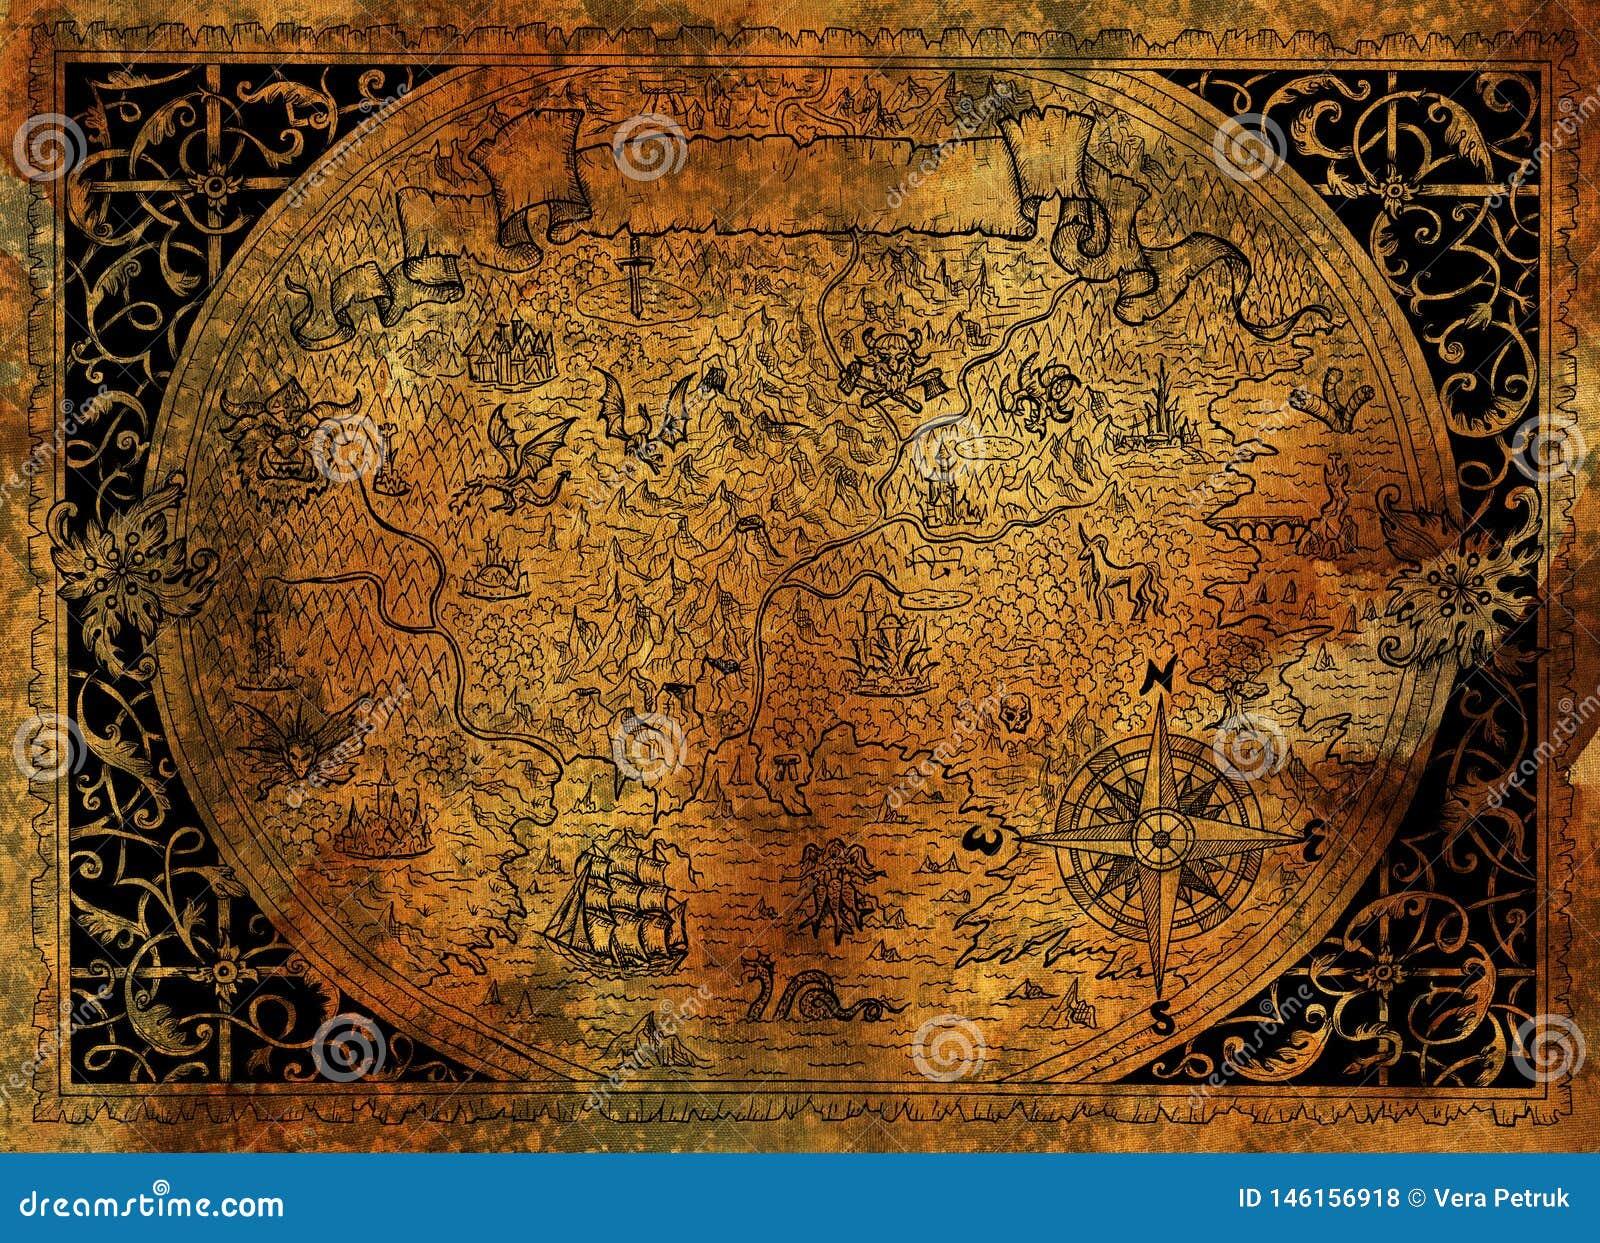 葡萄酒与海盗船,指南针,在老纸纹理的龙的幻想世界地图